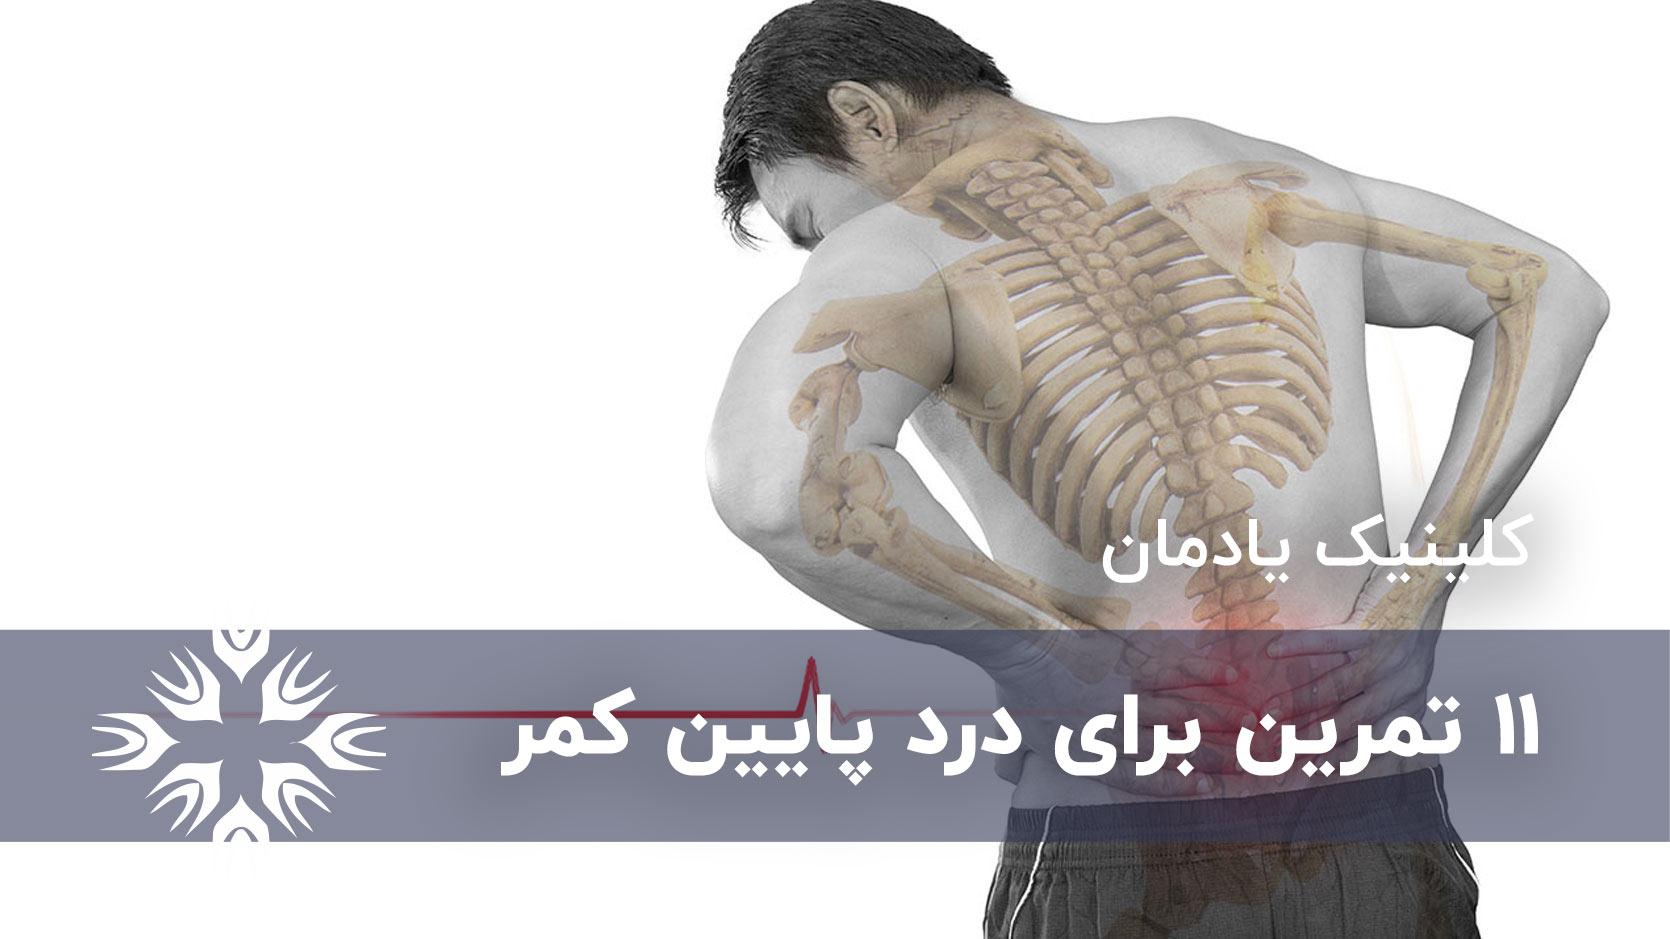 تمرین برای درد پایین کمر